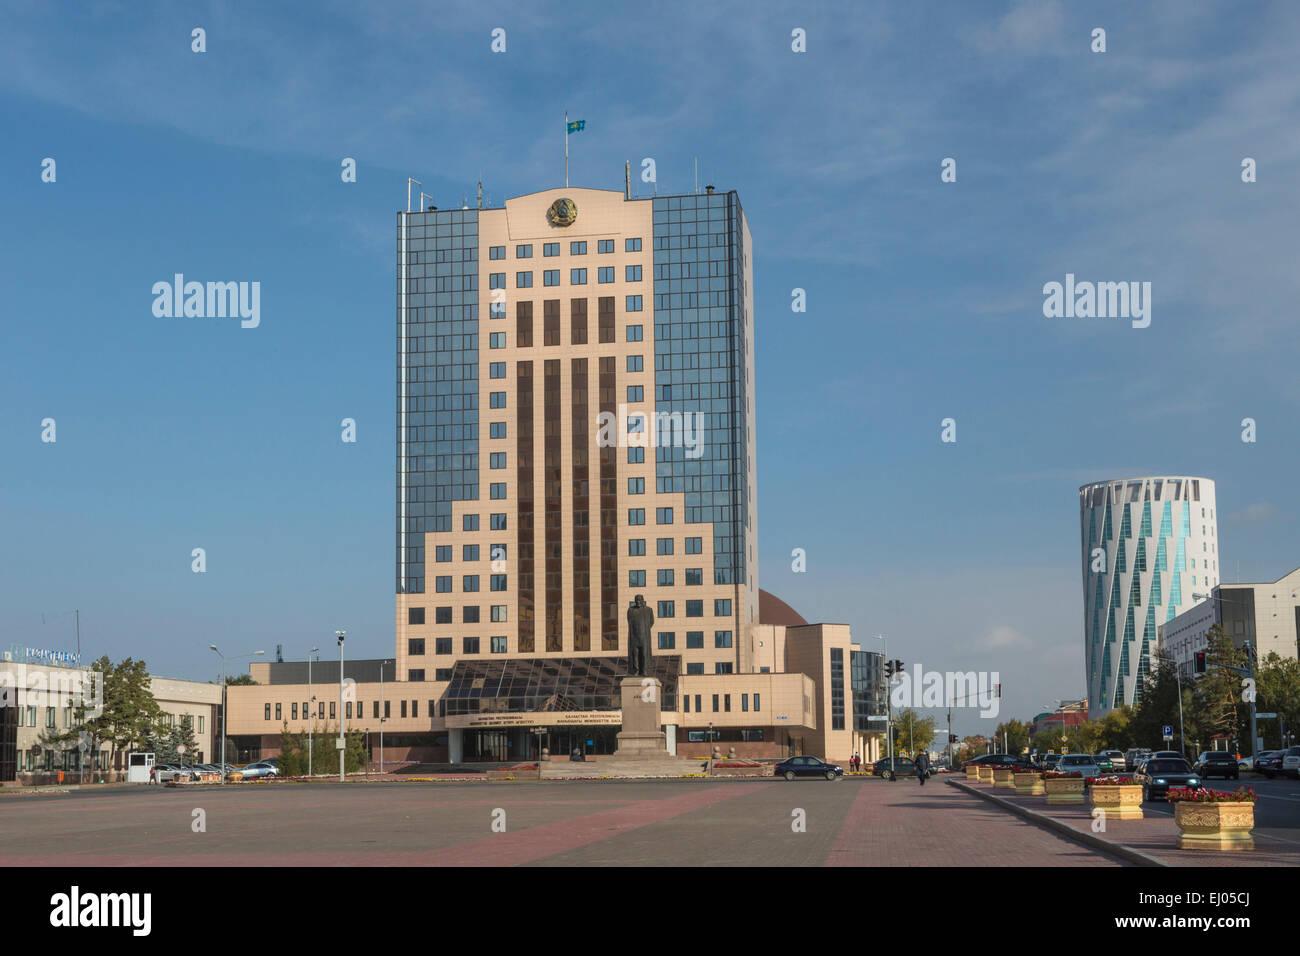 Agence, Astana, Ville, Gouvernement Kazakh, Kazakhstan, en Asie centrale, l'été, l'architecture, Photo Stock